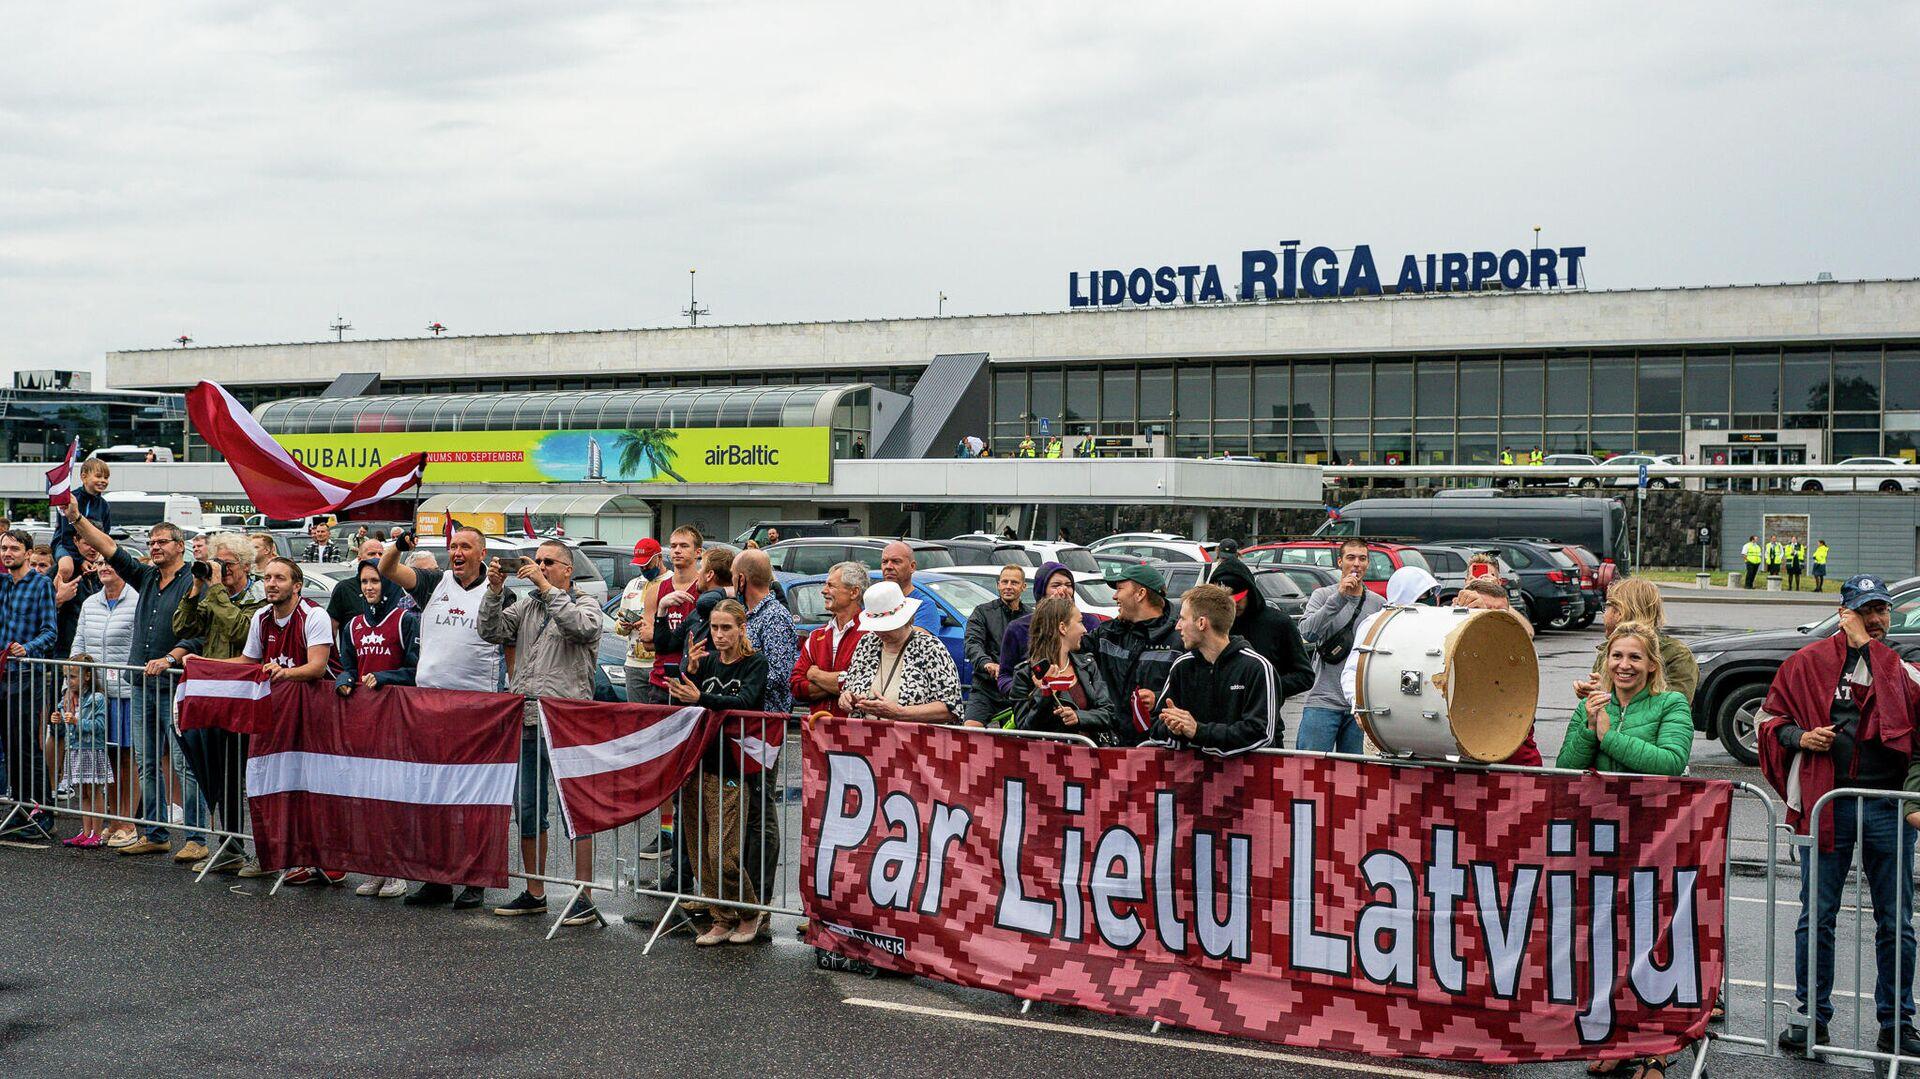 Латвийских баскетболистов встречают в аэропорту Риги - Sputnik Латвия, 1920, 19.08.2021